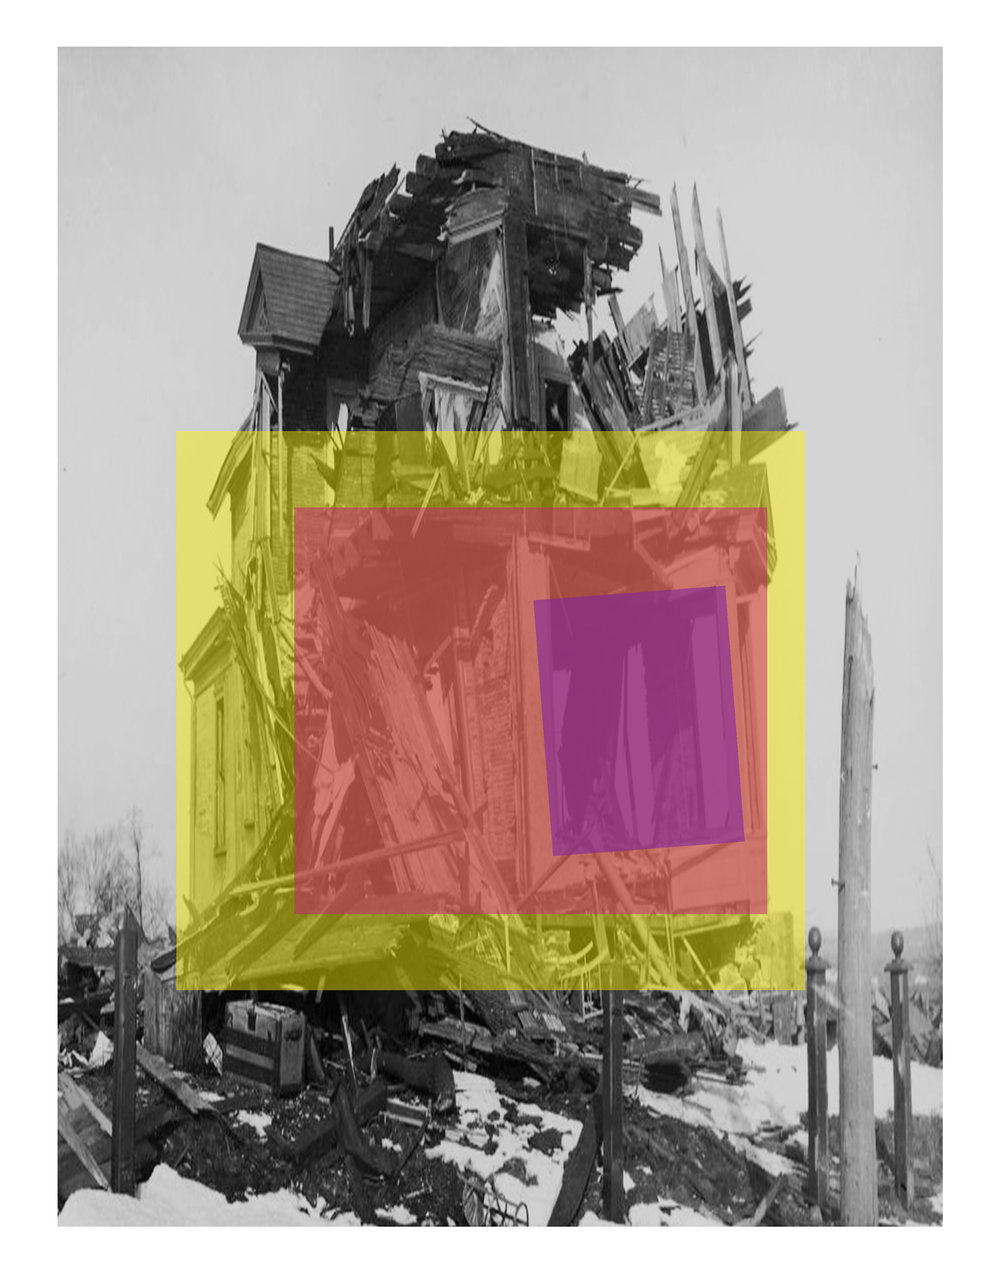 26_Explosion1917_9x12_x4.jpg